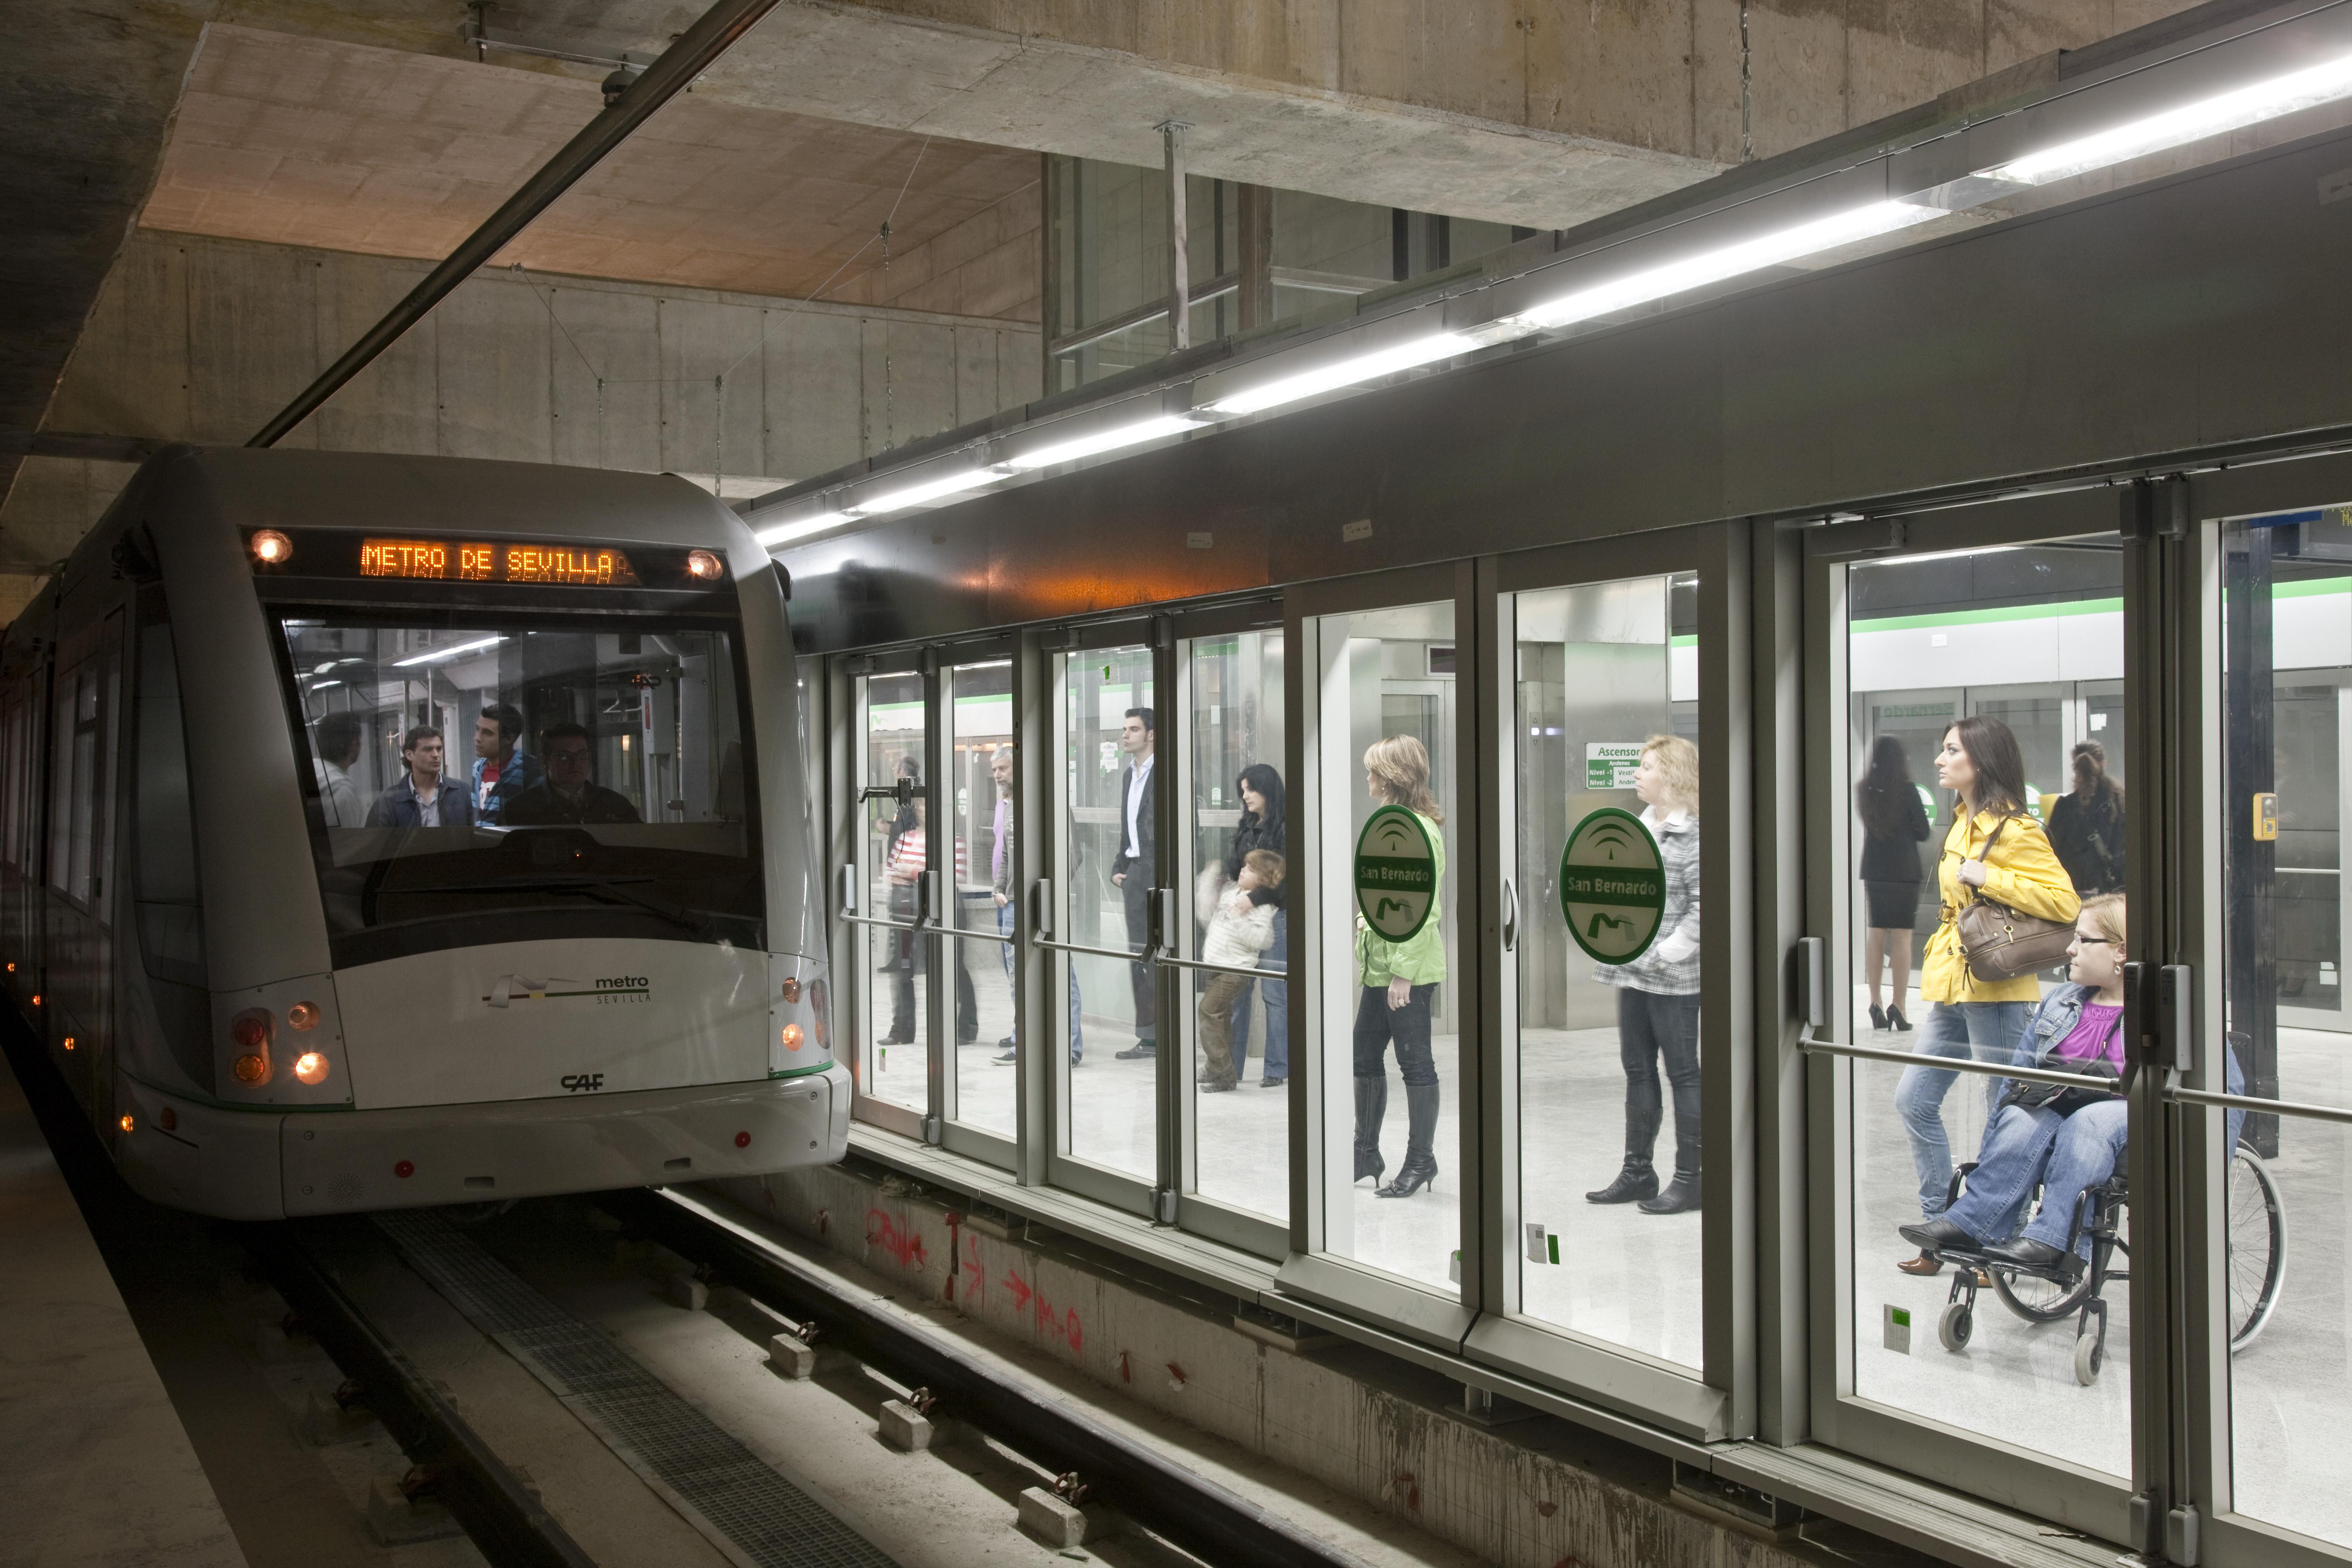 Los usuarios de metro de Sevilla suelen otorgarle una notable puntuación al servicio